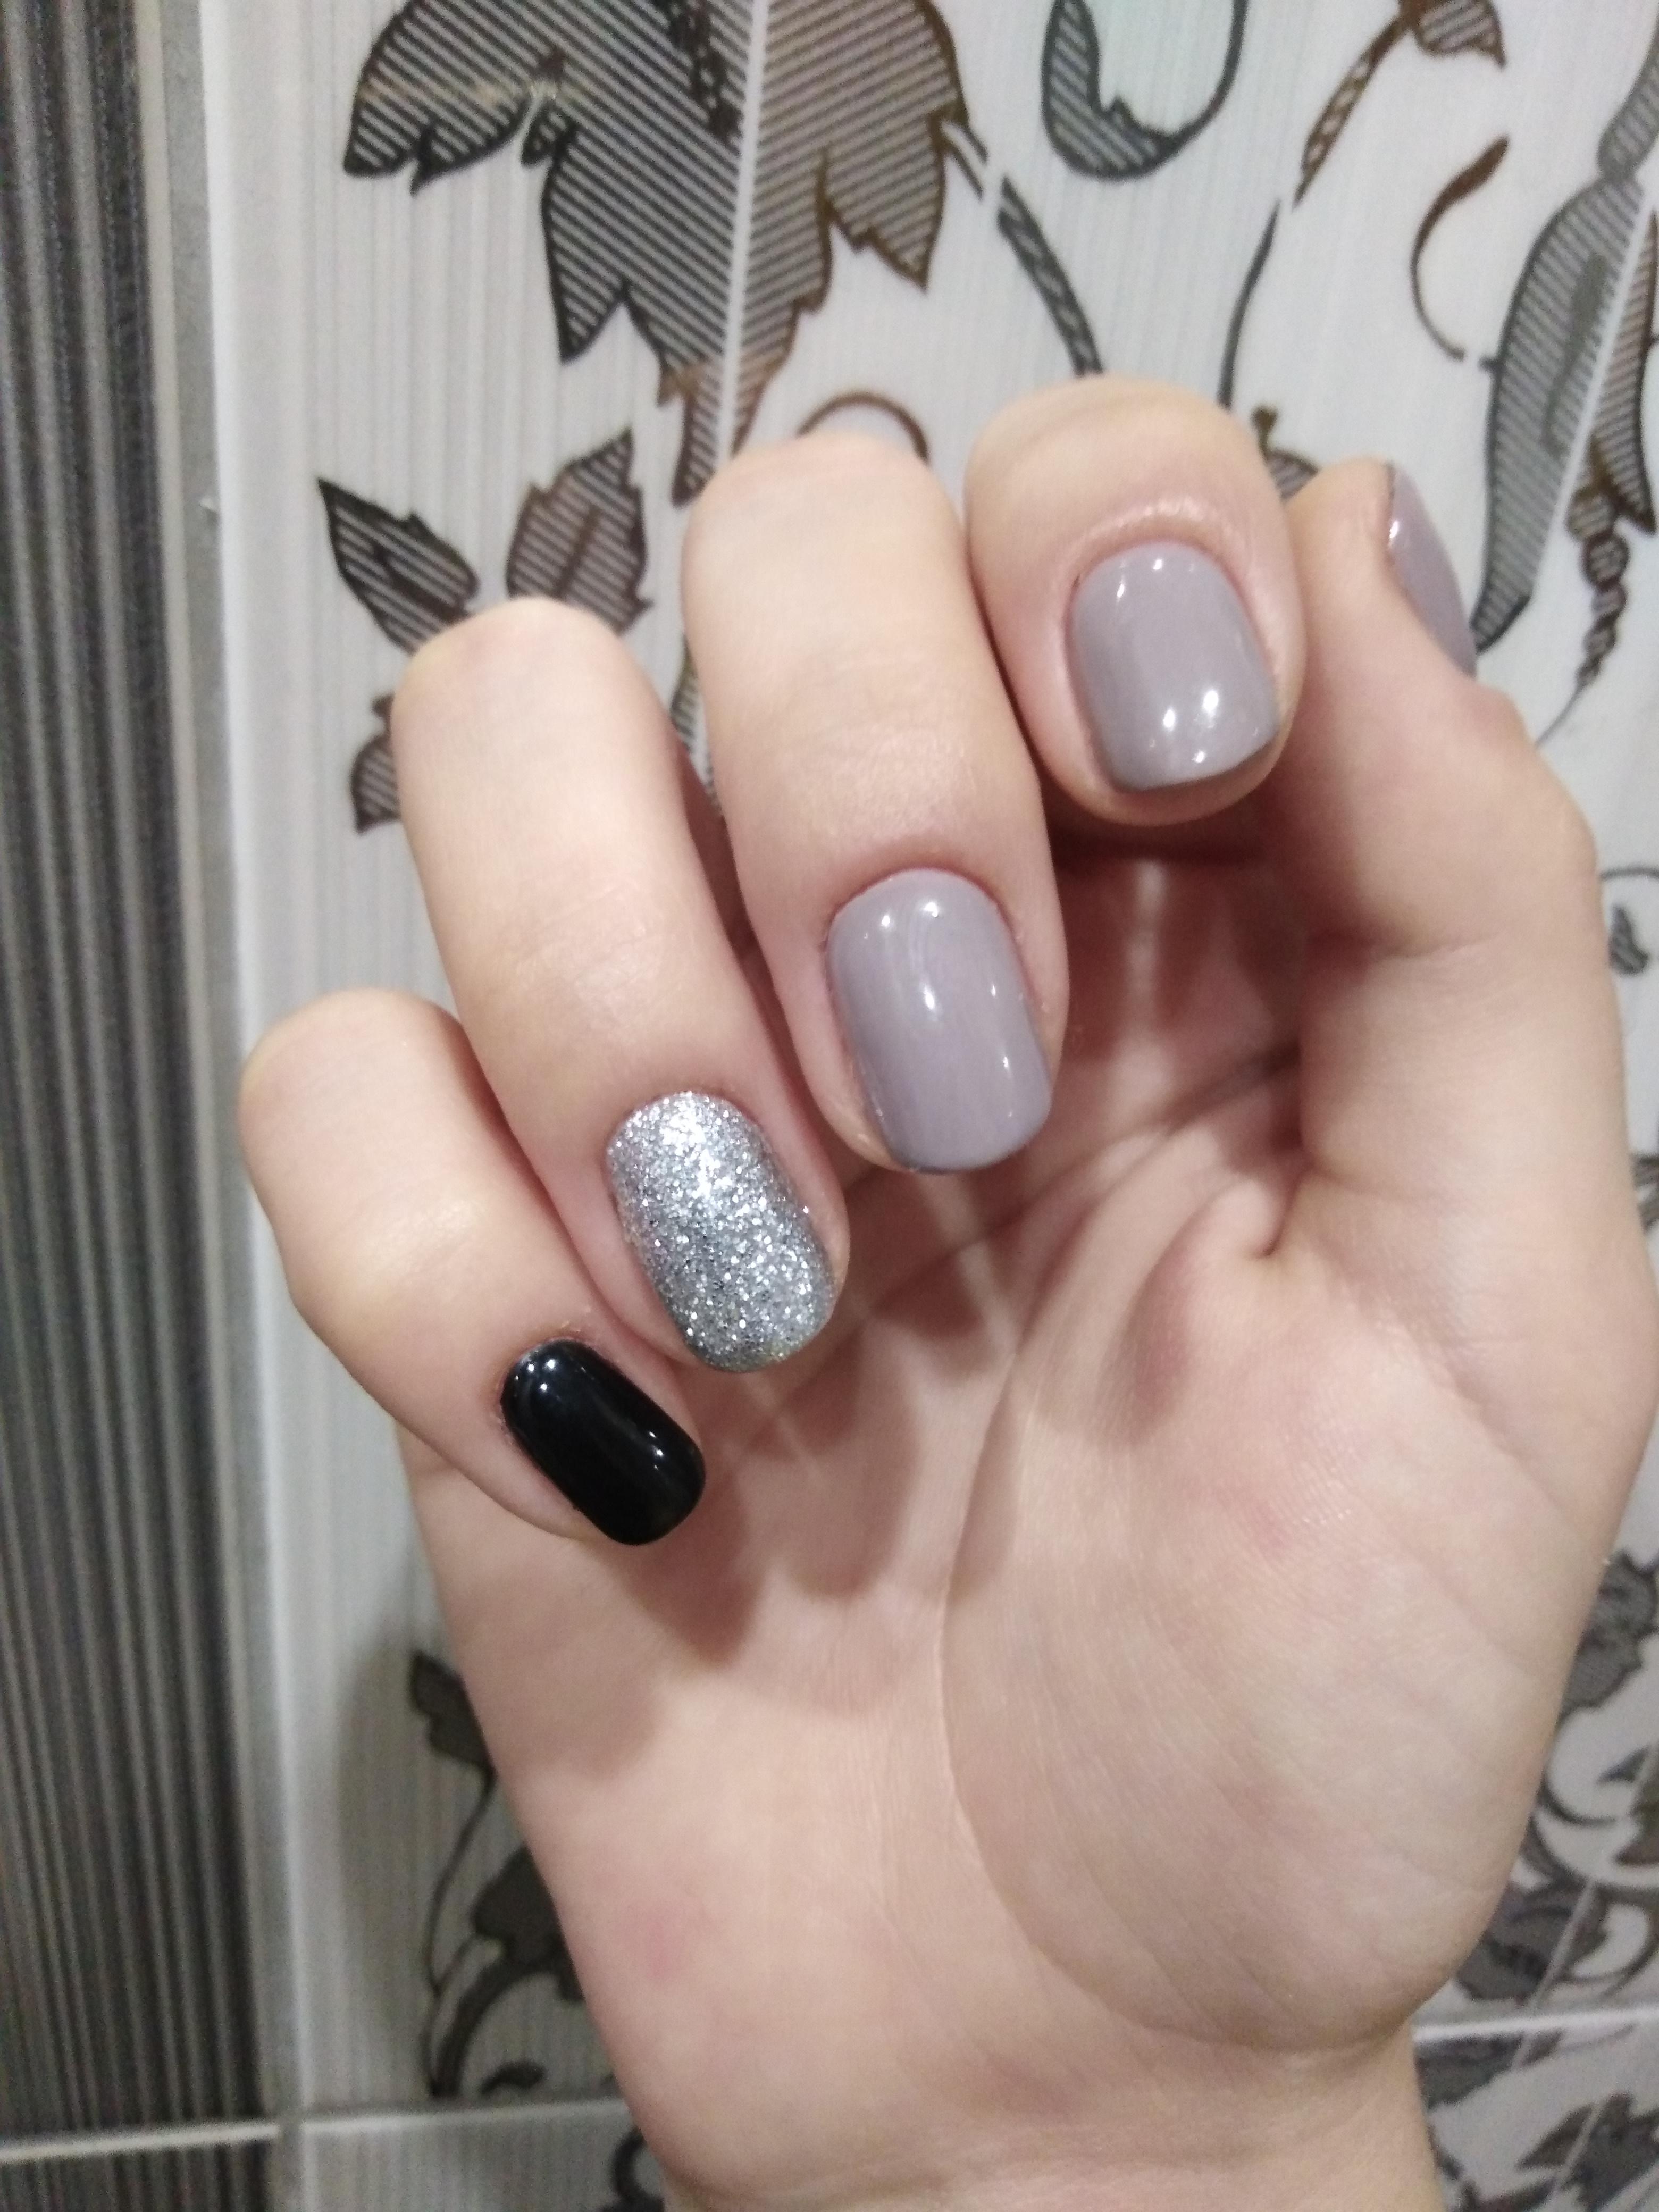 Маникюр с серебряными блестками в сером цвете на короткие ногти.